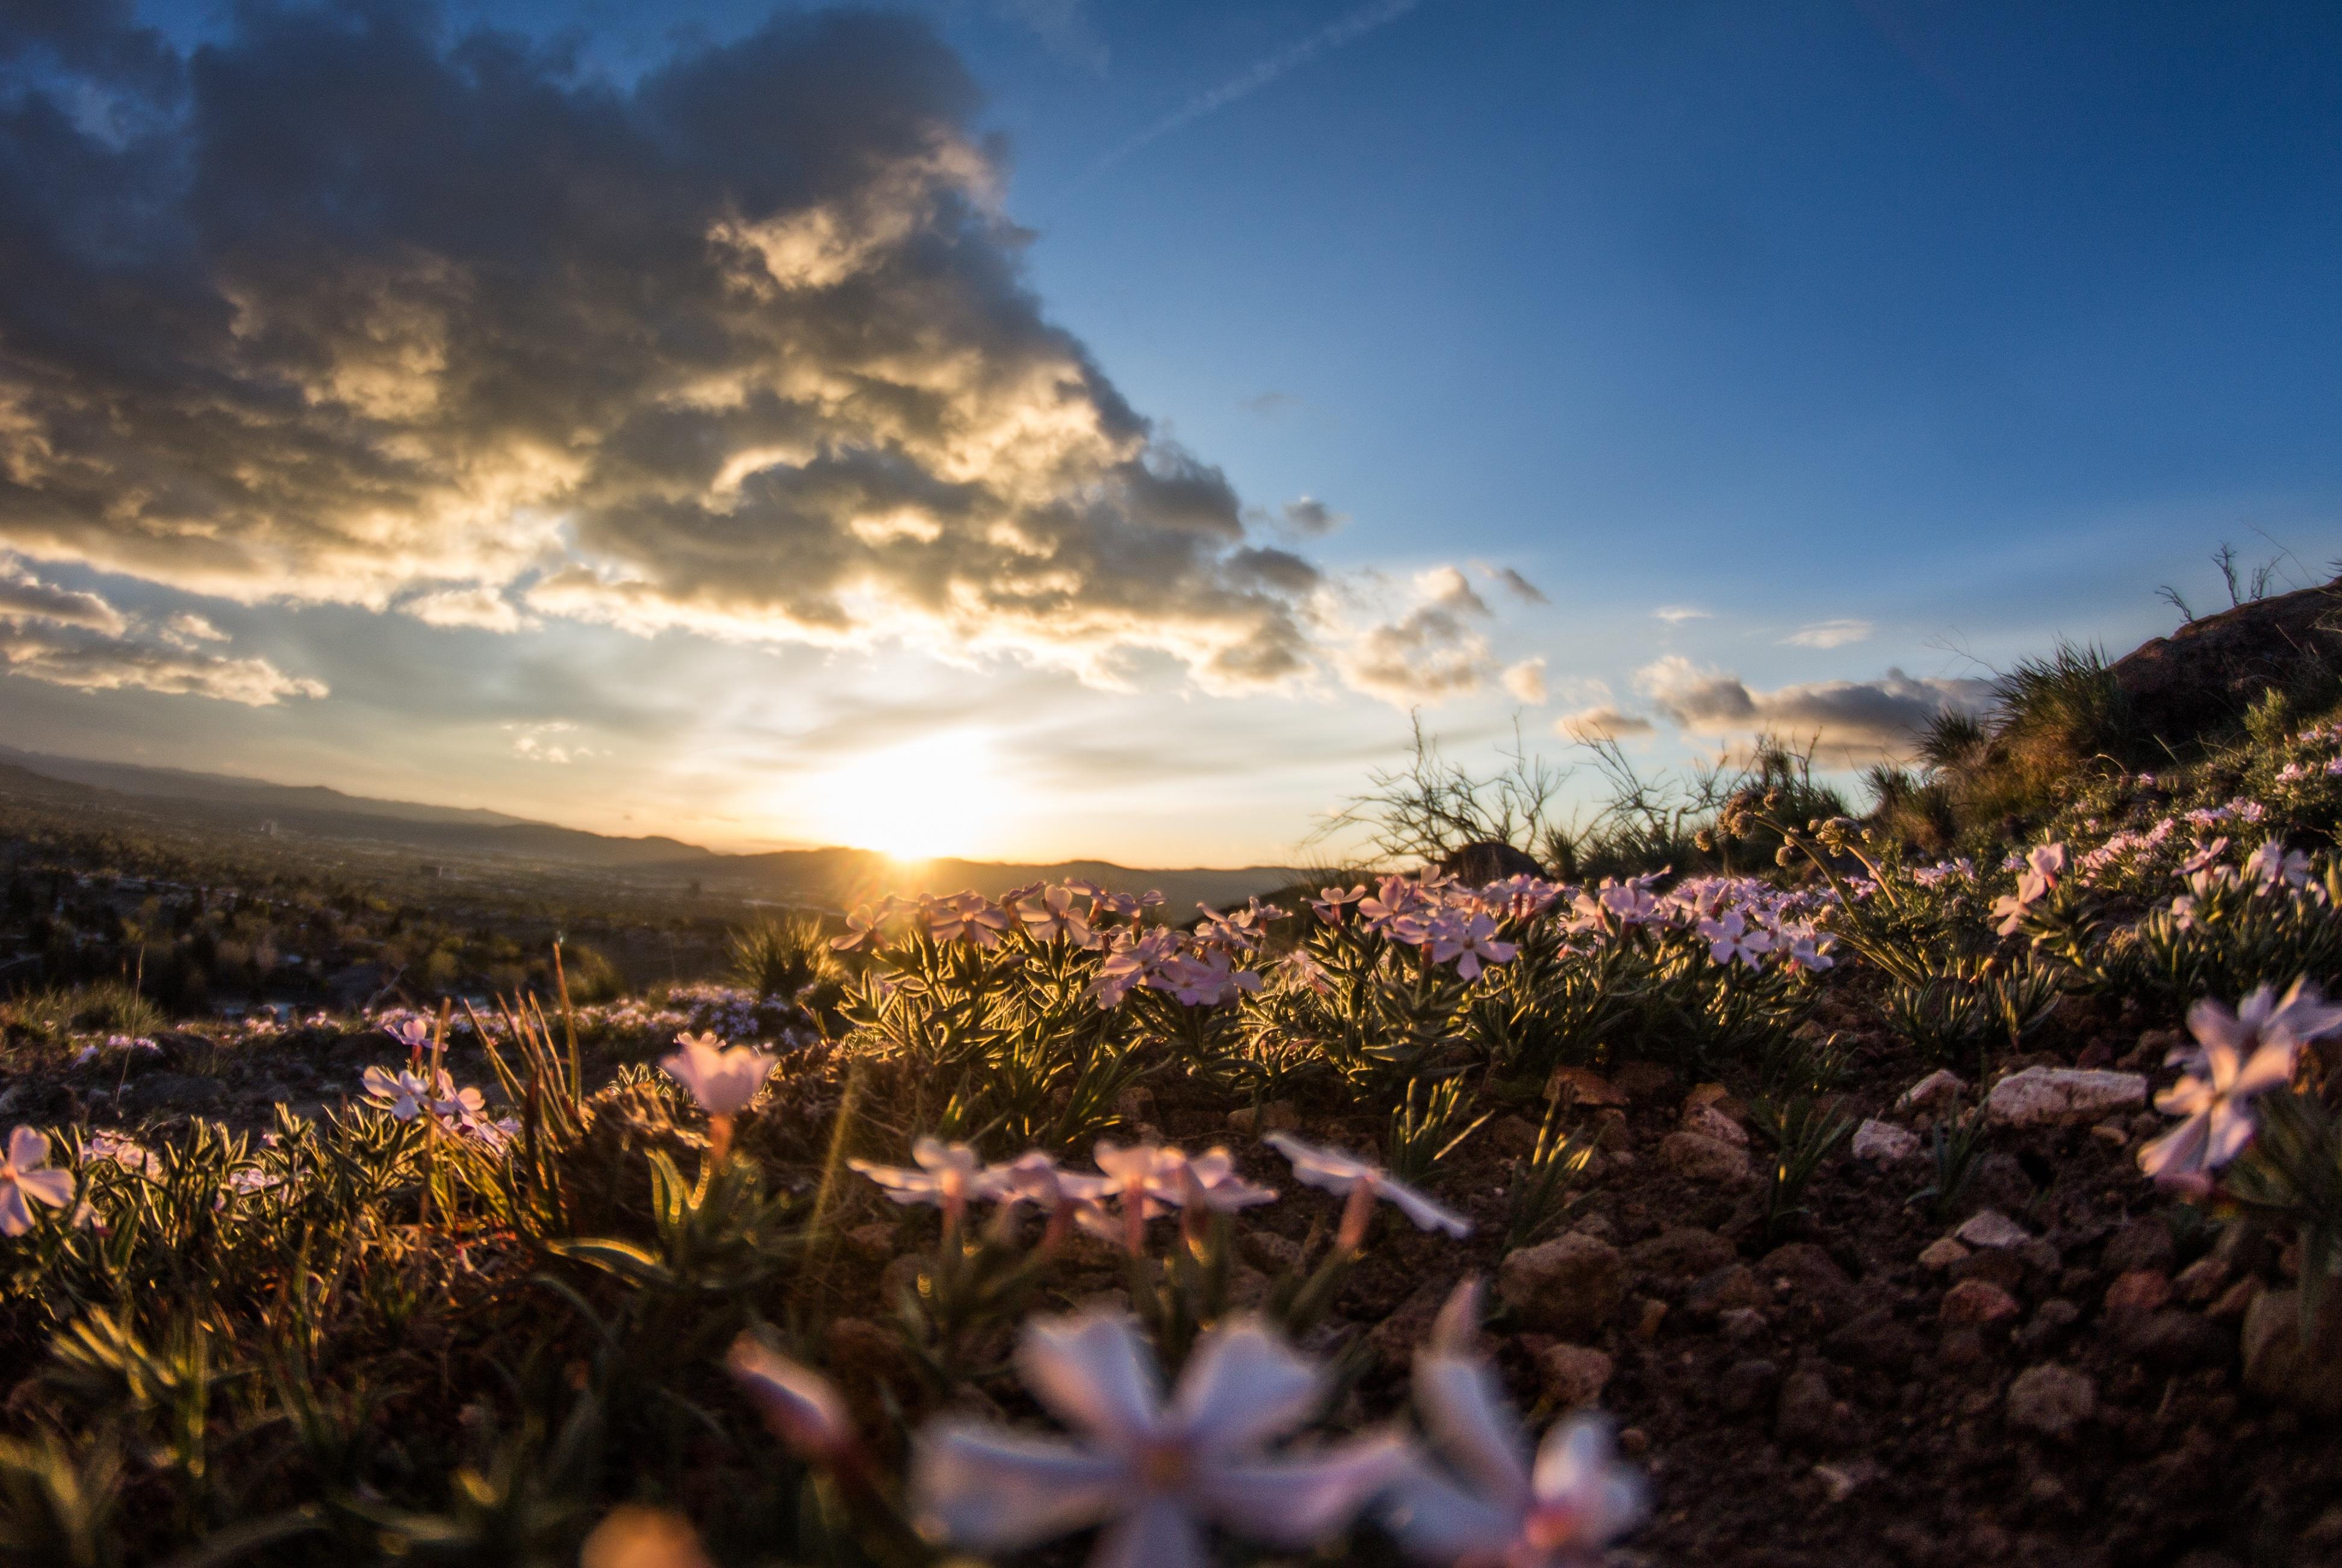 Feeling of joy, Beautiful, Beauty, Flower, Garden, HQ Photo